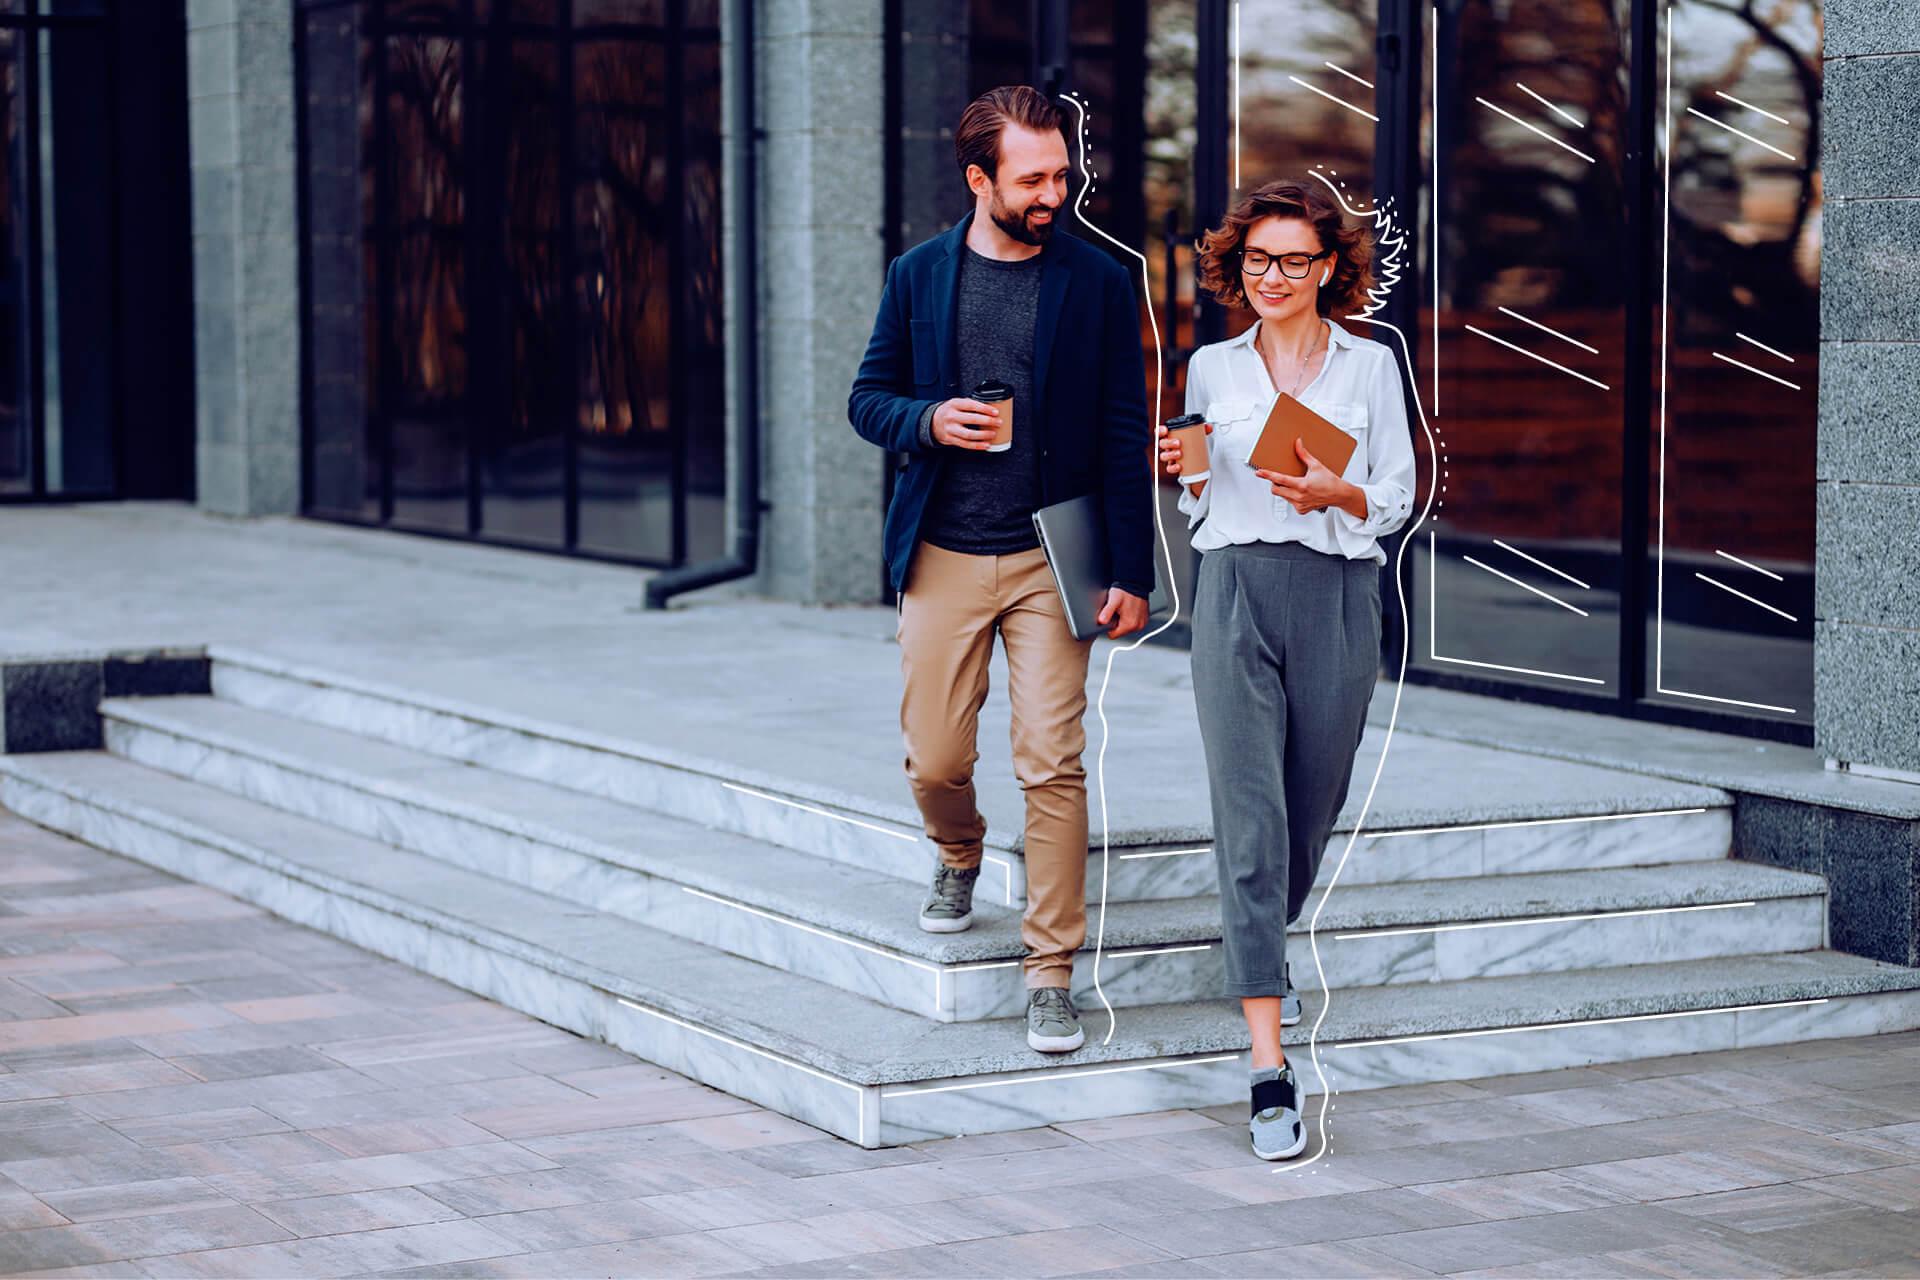 Frau und Man mit Laptop steigen Stufen herab | eggheads.net